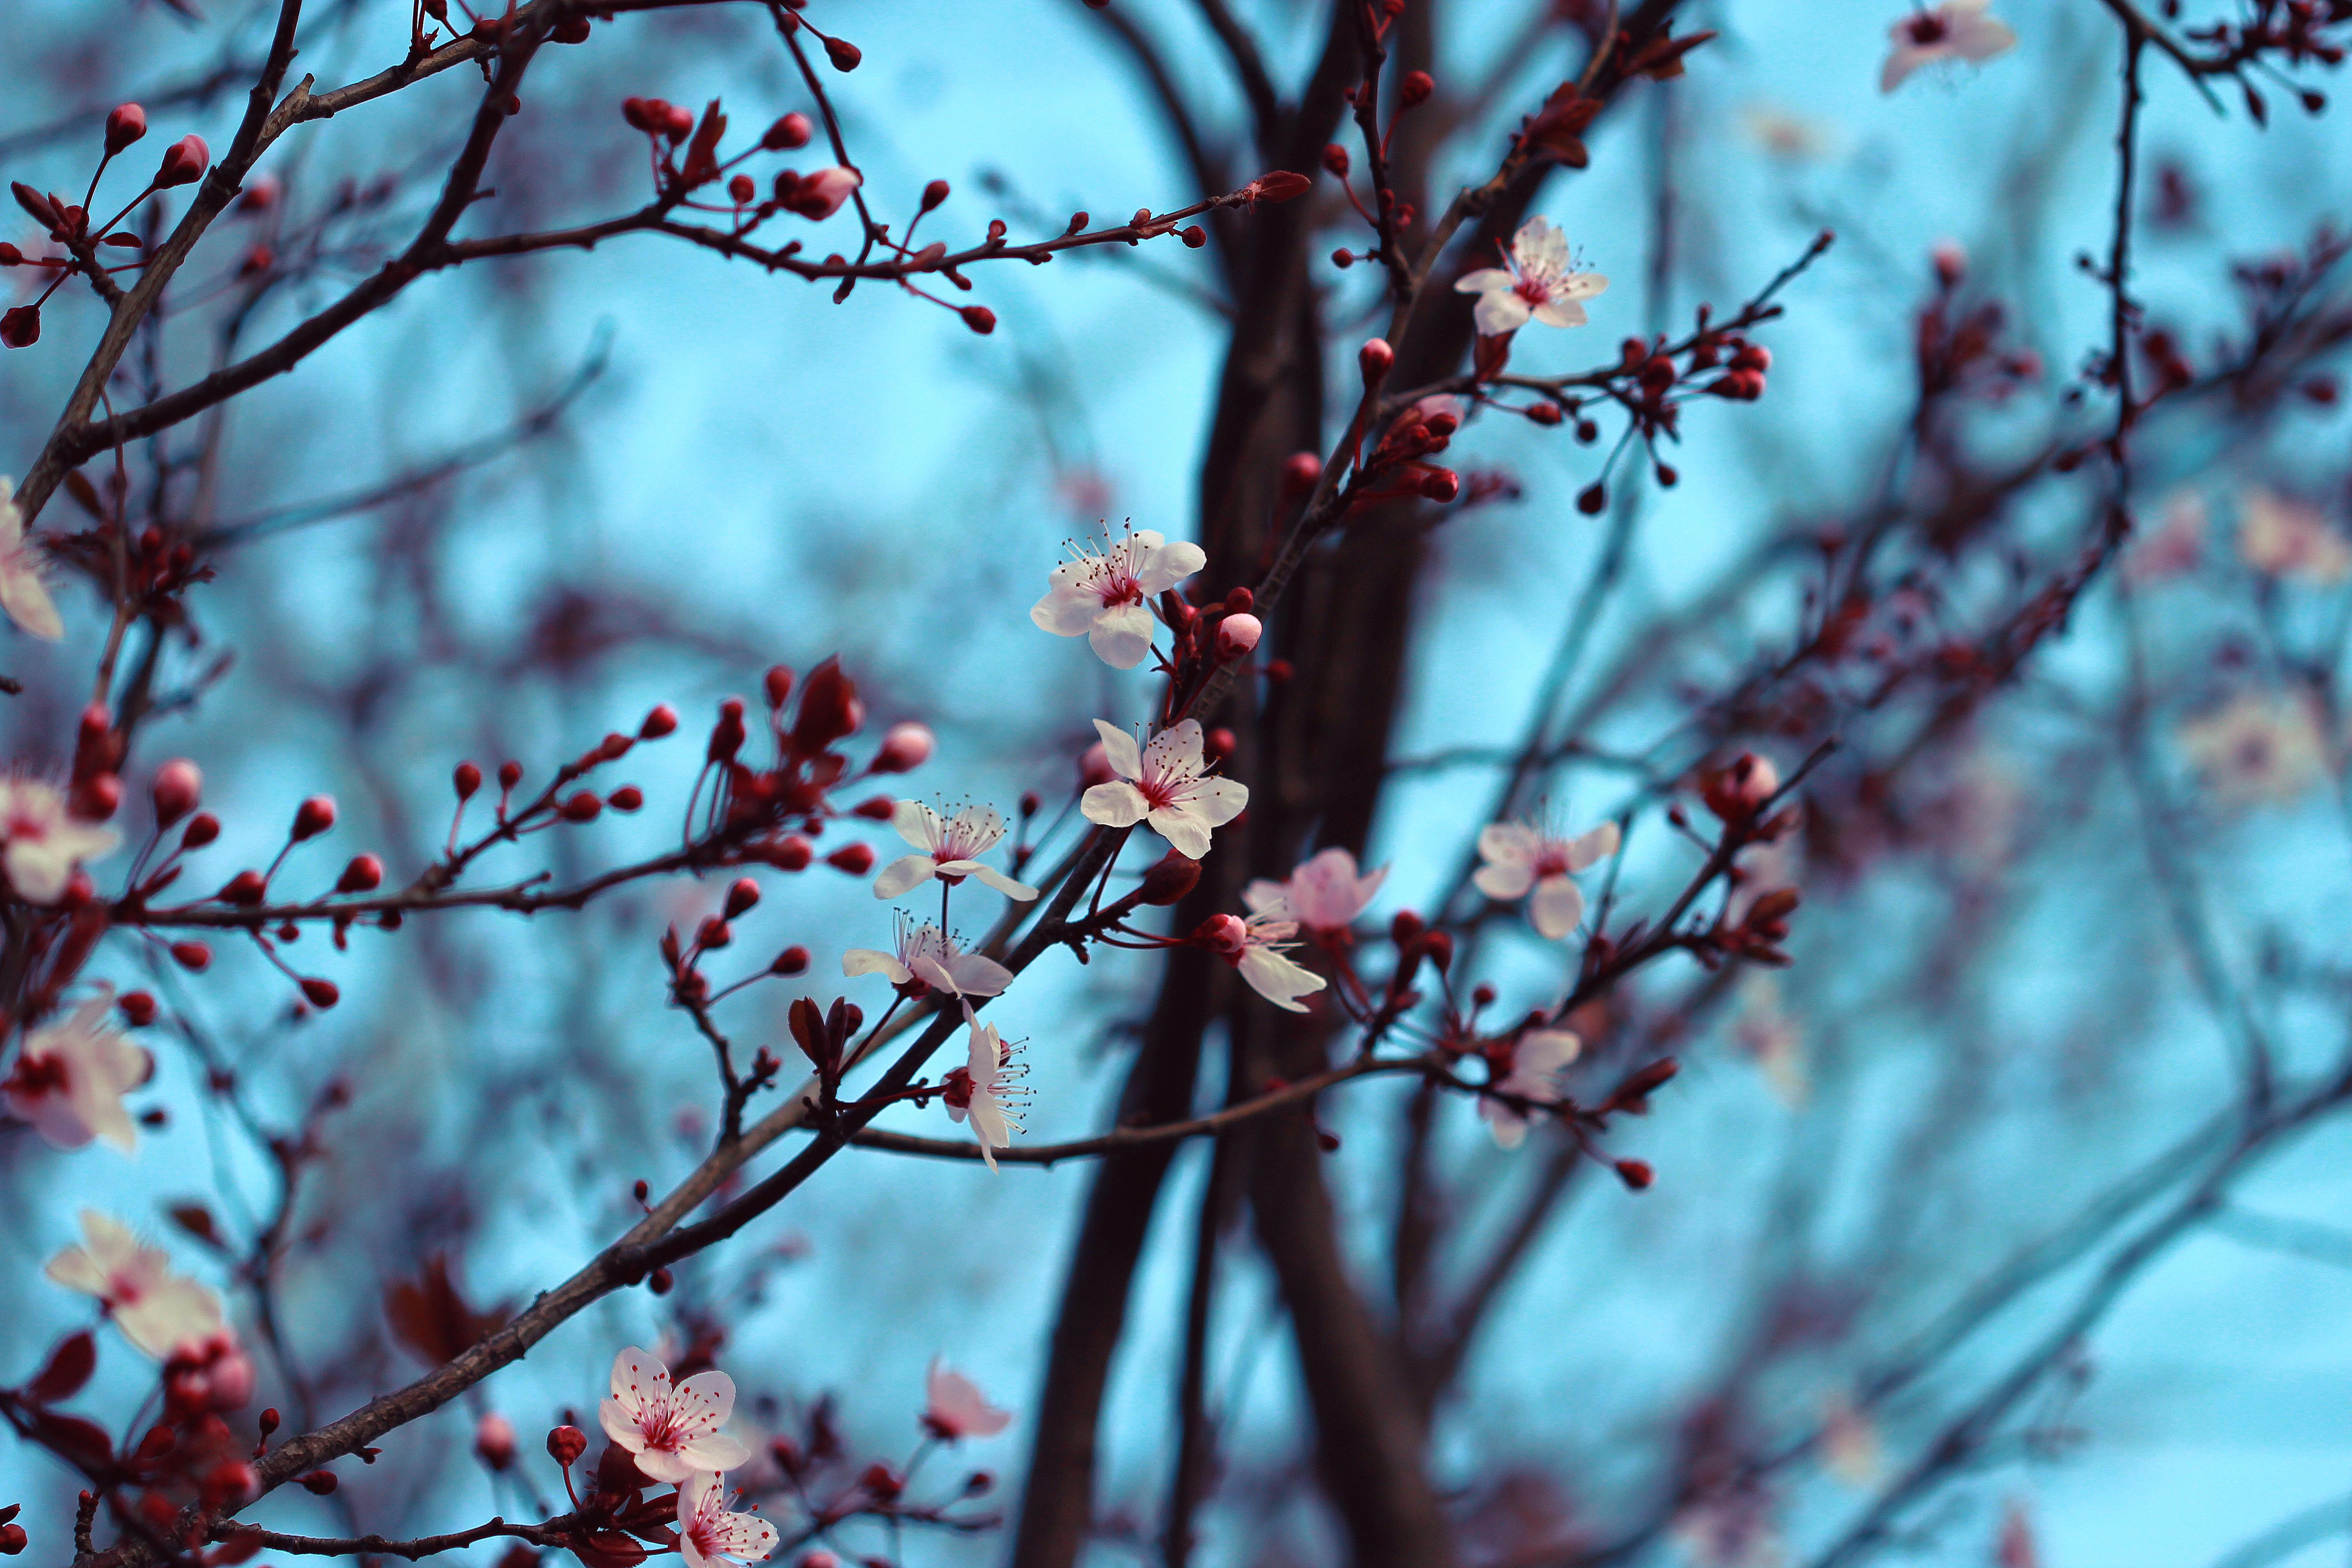 133837 скачать обои Весна, Вишня, Цветение, Цветы, Ветки - заставки и картинки бесплатно